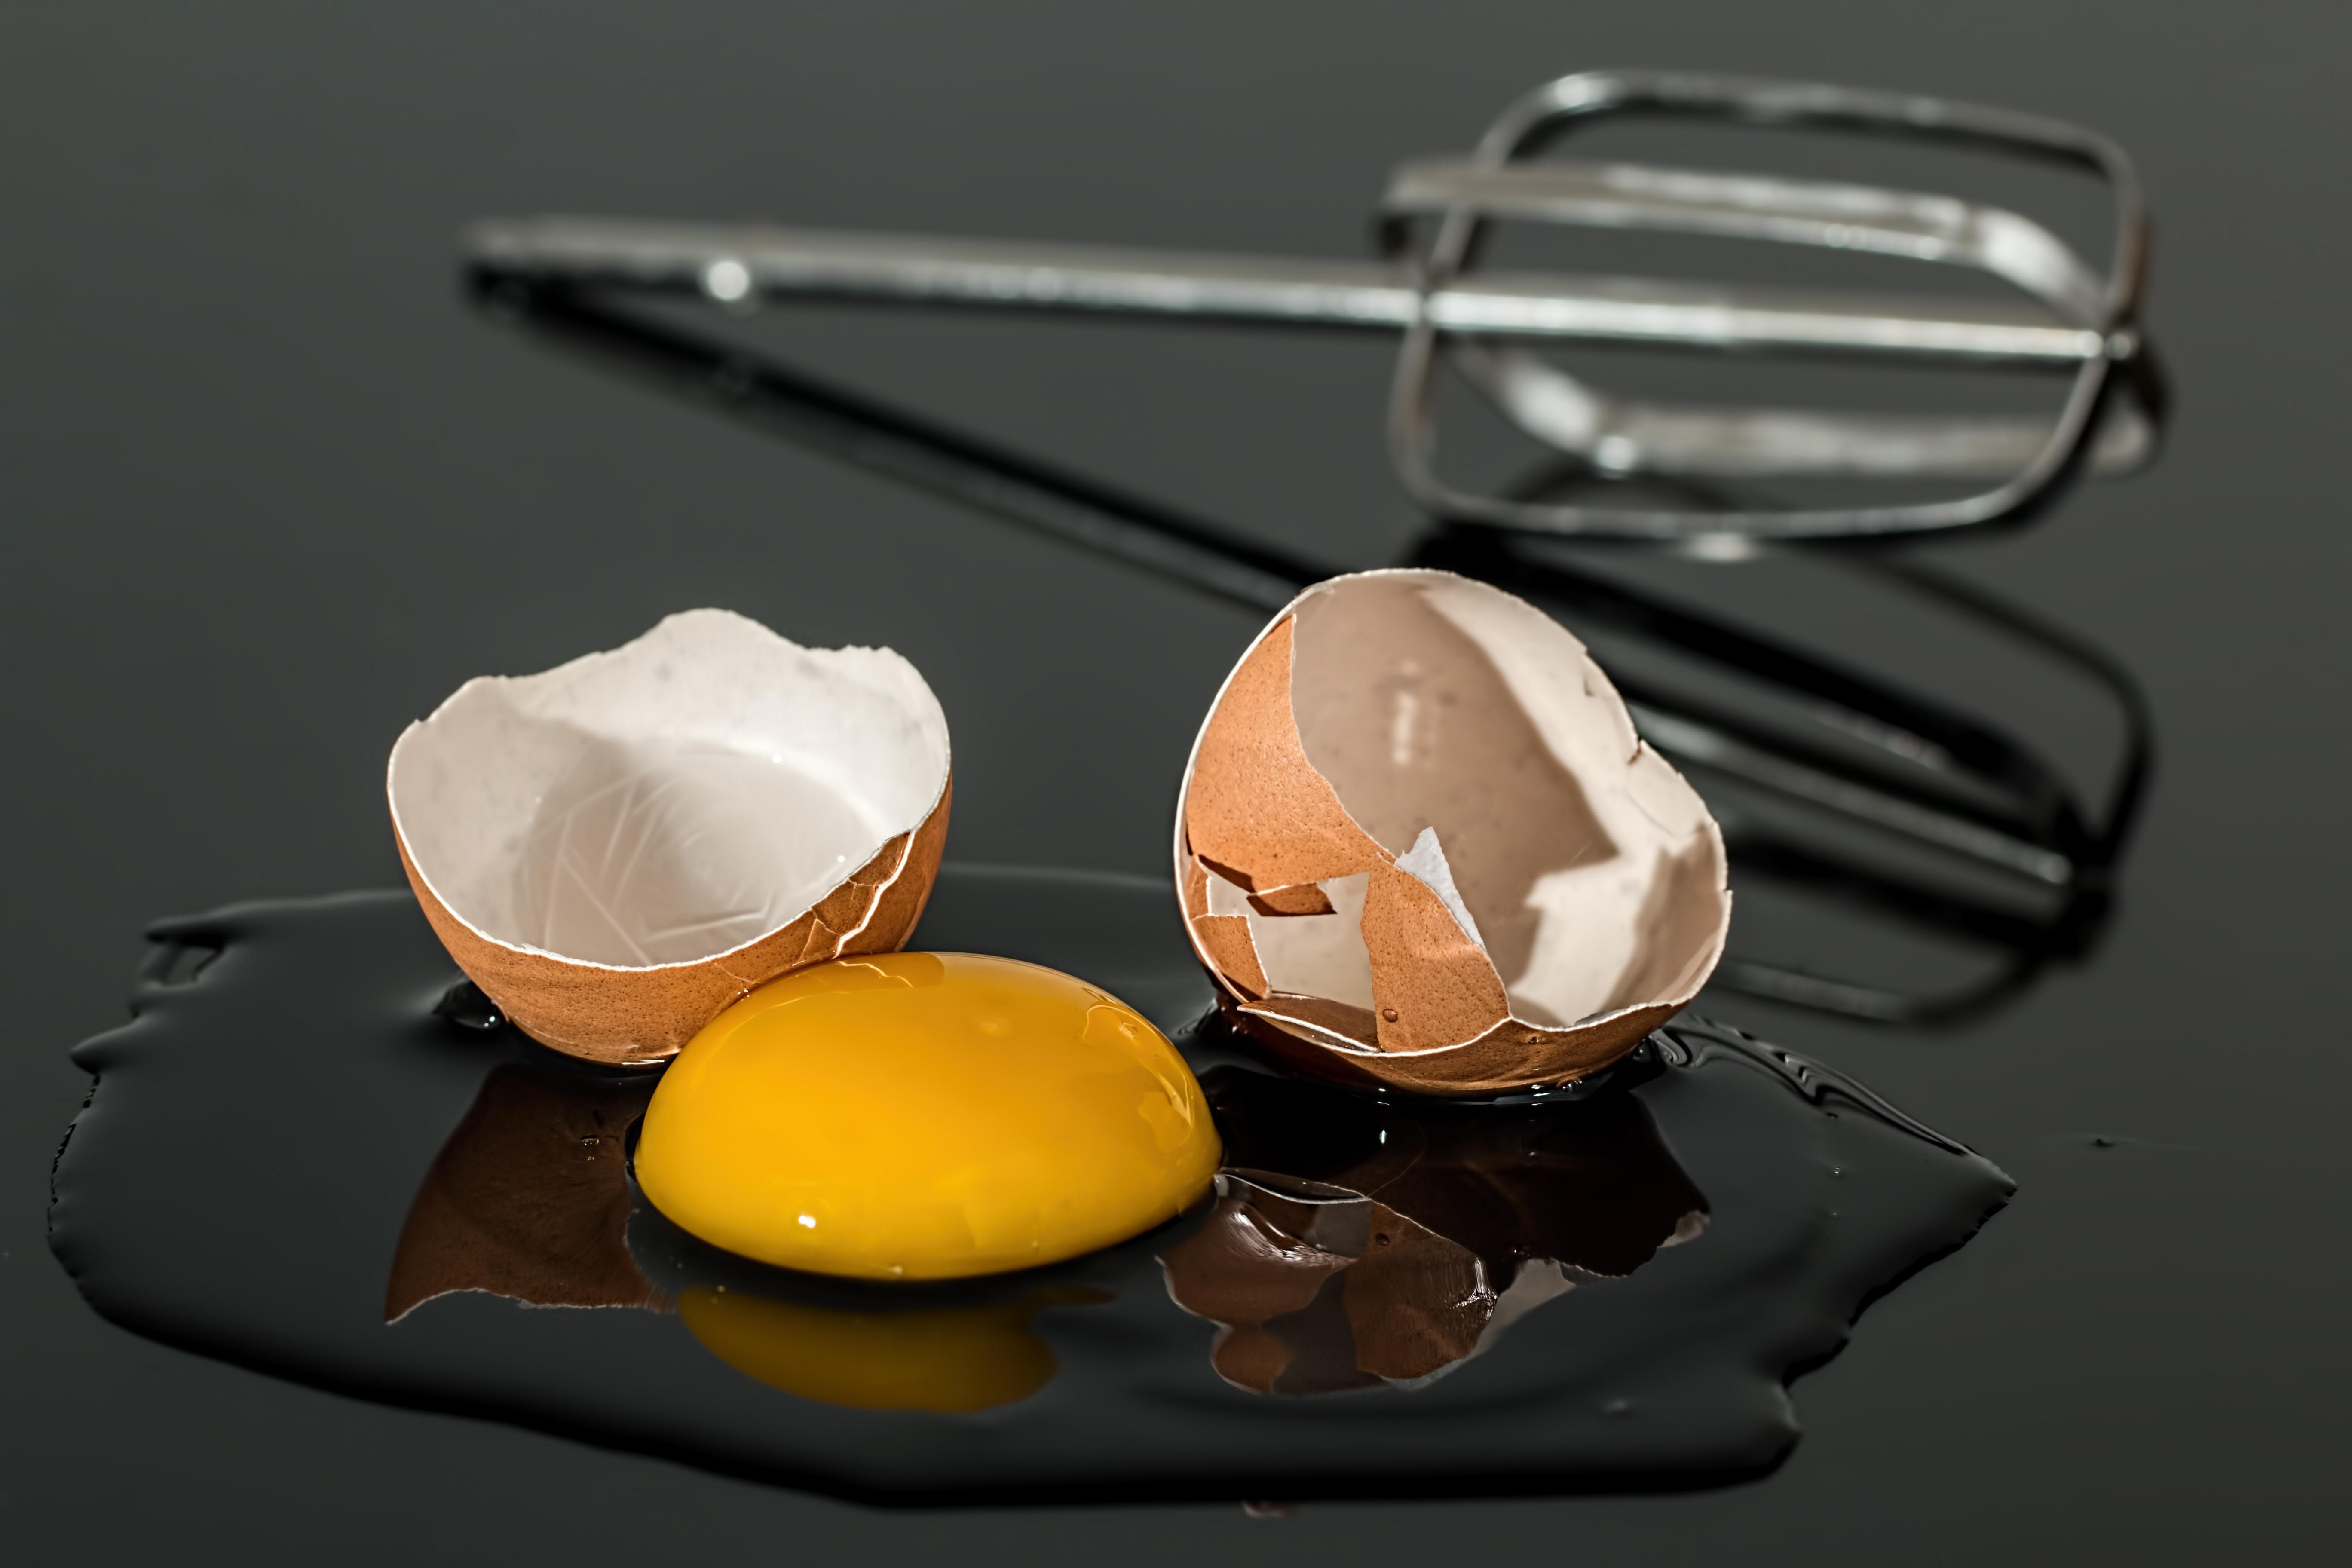 cracked egg, fried egg